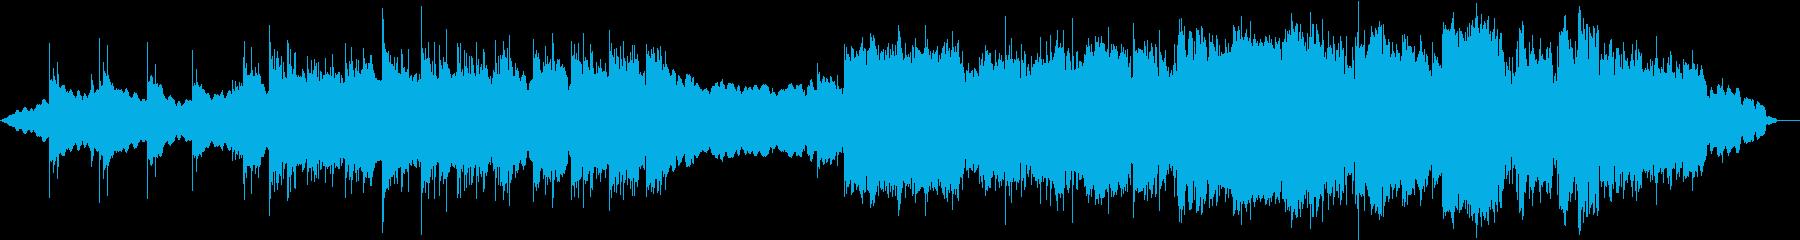 モダン 実験的 エキゾチック リラ...の再生済みの波形